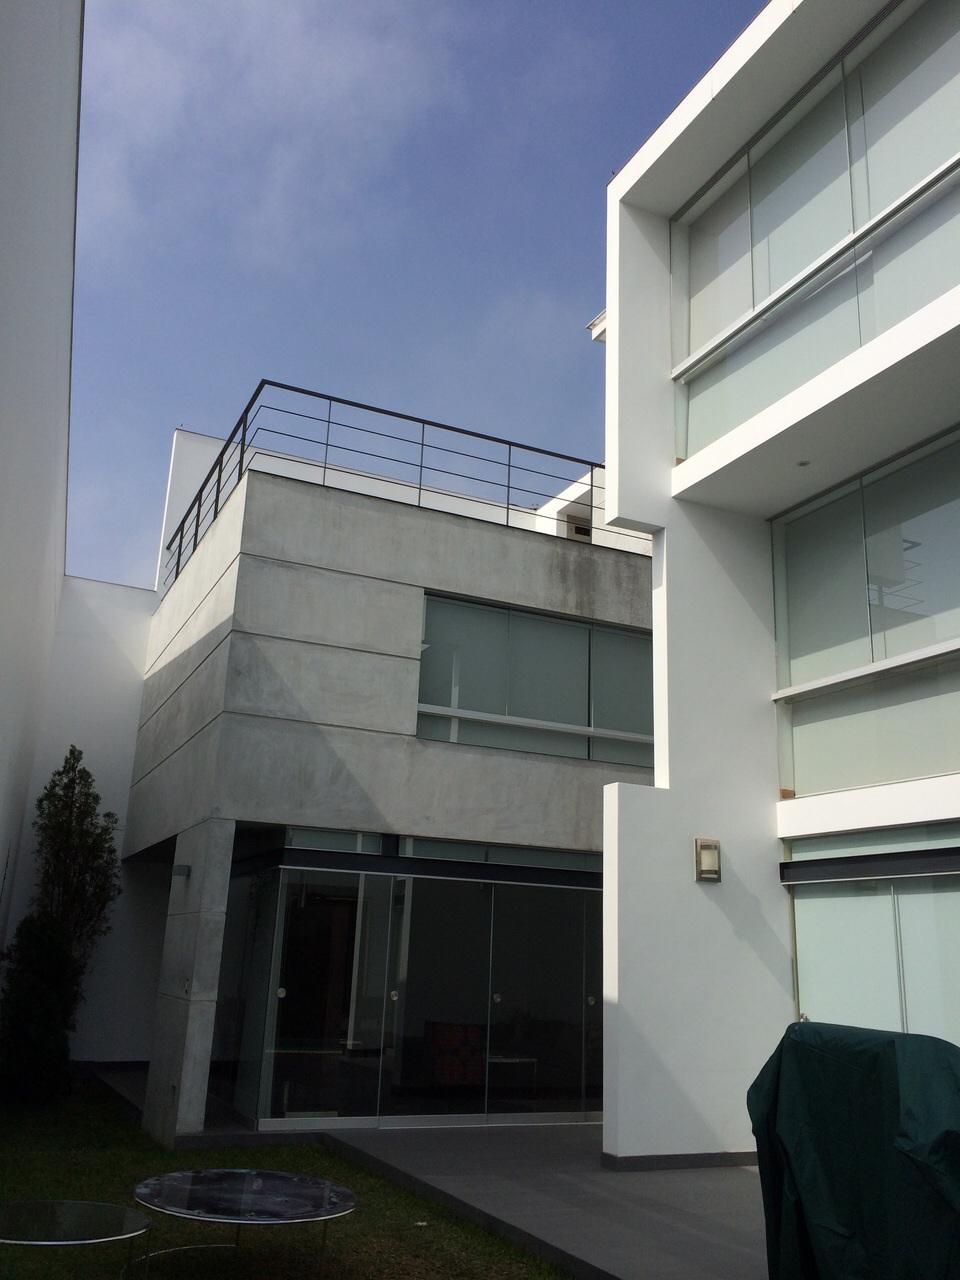 Casa MM en San Isidro lima peru diego del castillo (28).JPG